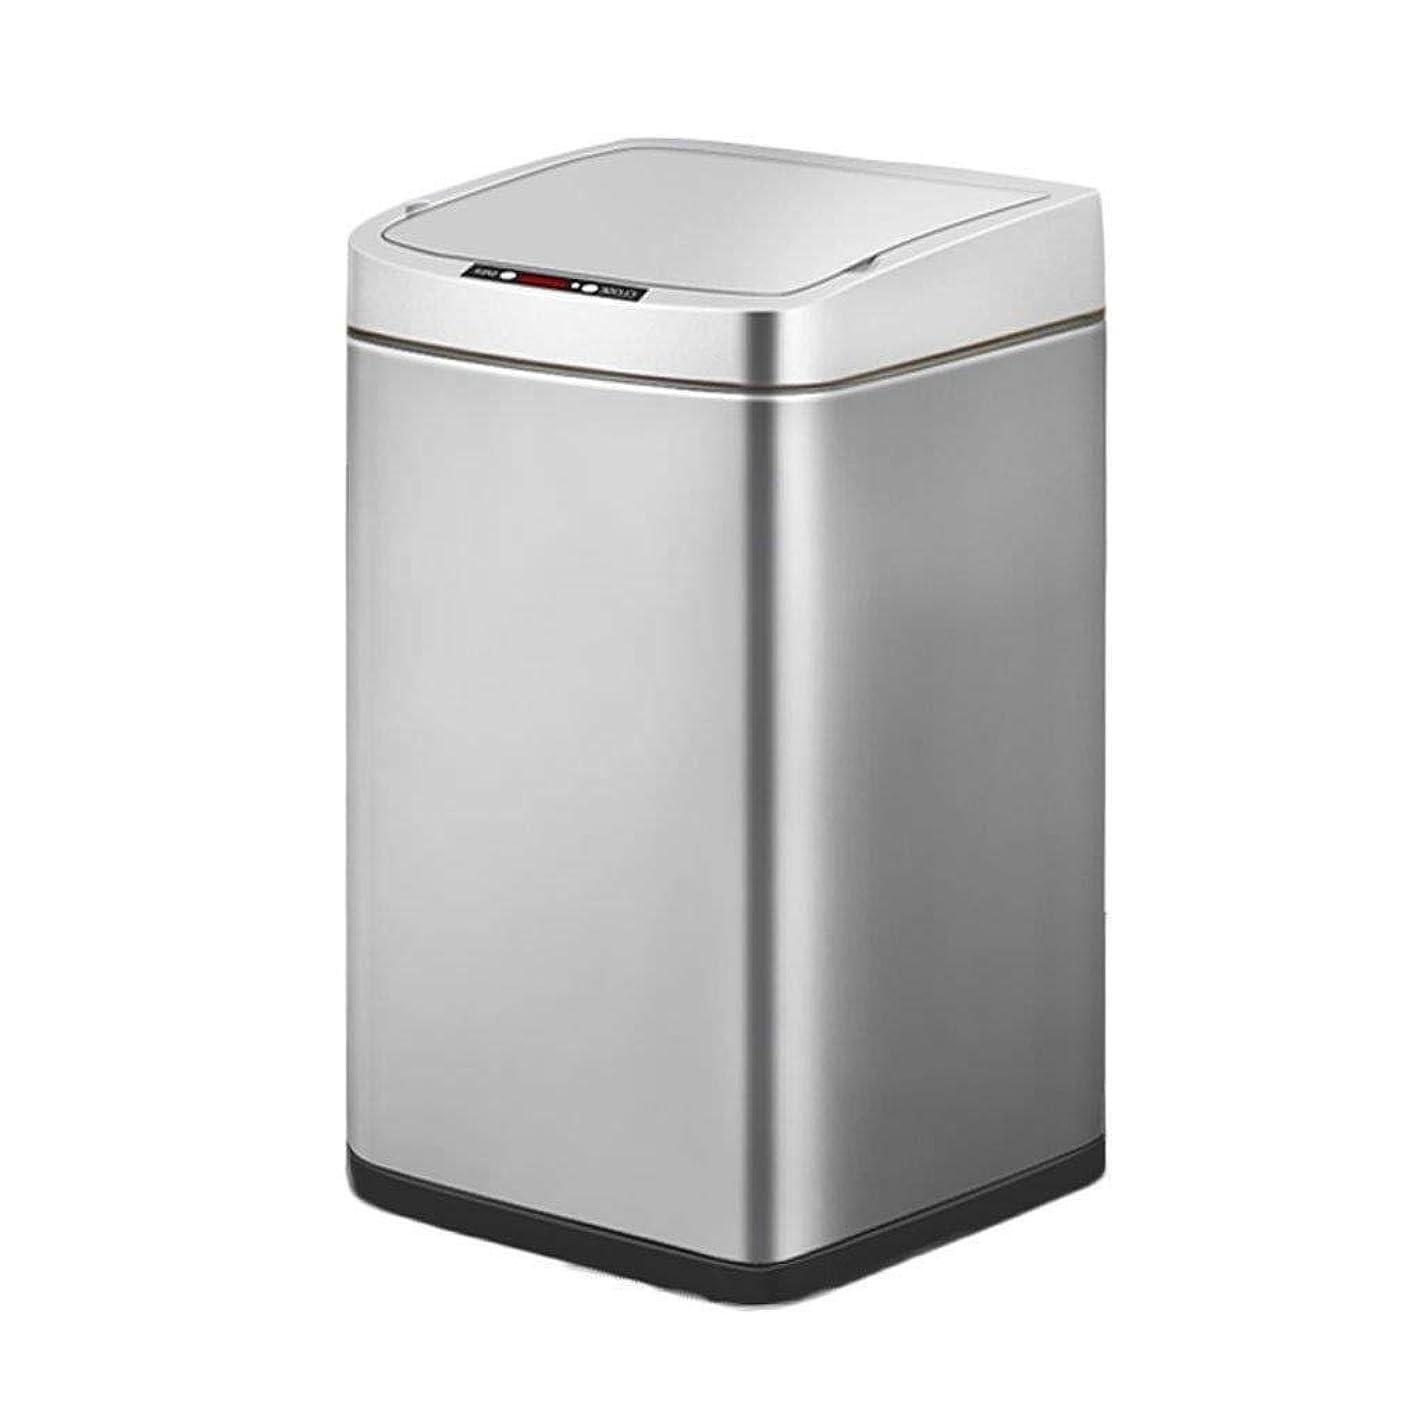 カポックシャーロックホームズナプキンLJKHDF 自動センサーのゴミ箱の台所家の居間の浴室のスマートなゴミ箱 (Color : Silver)